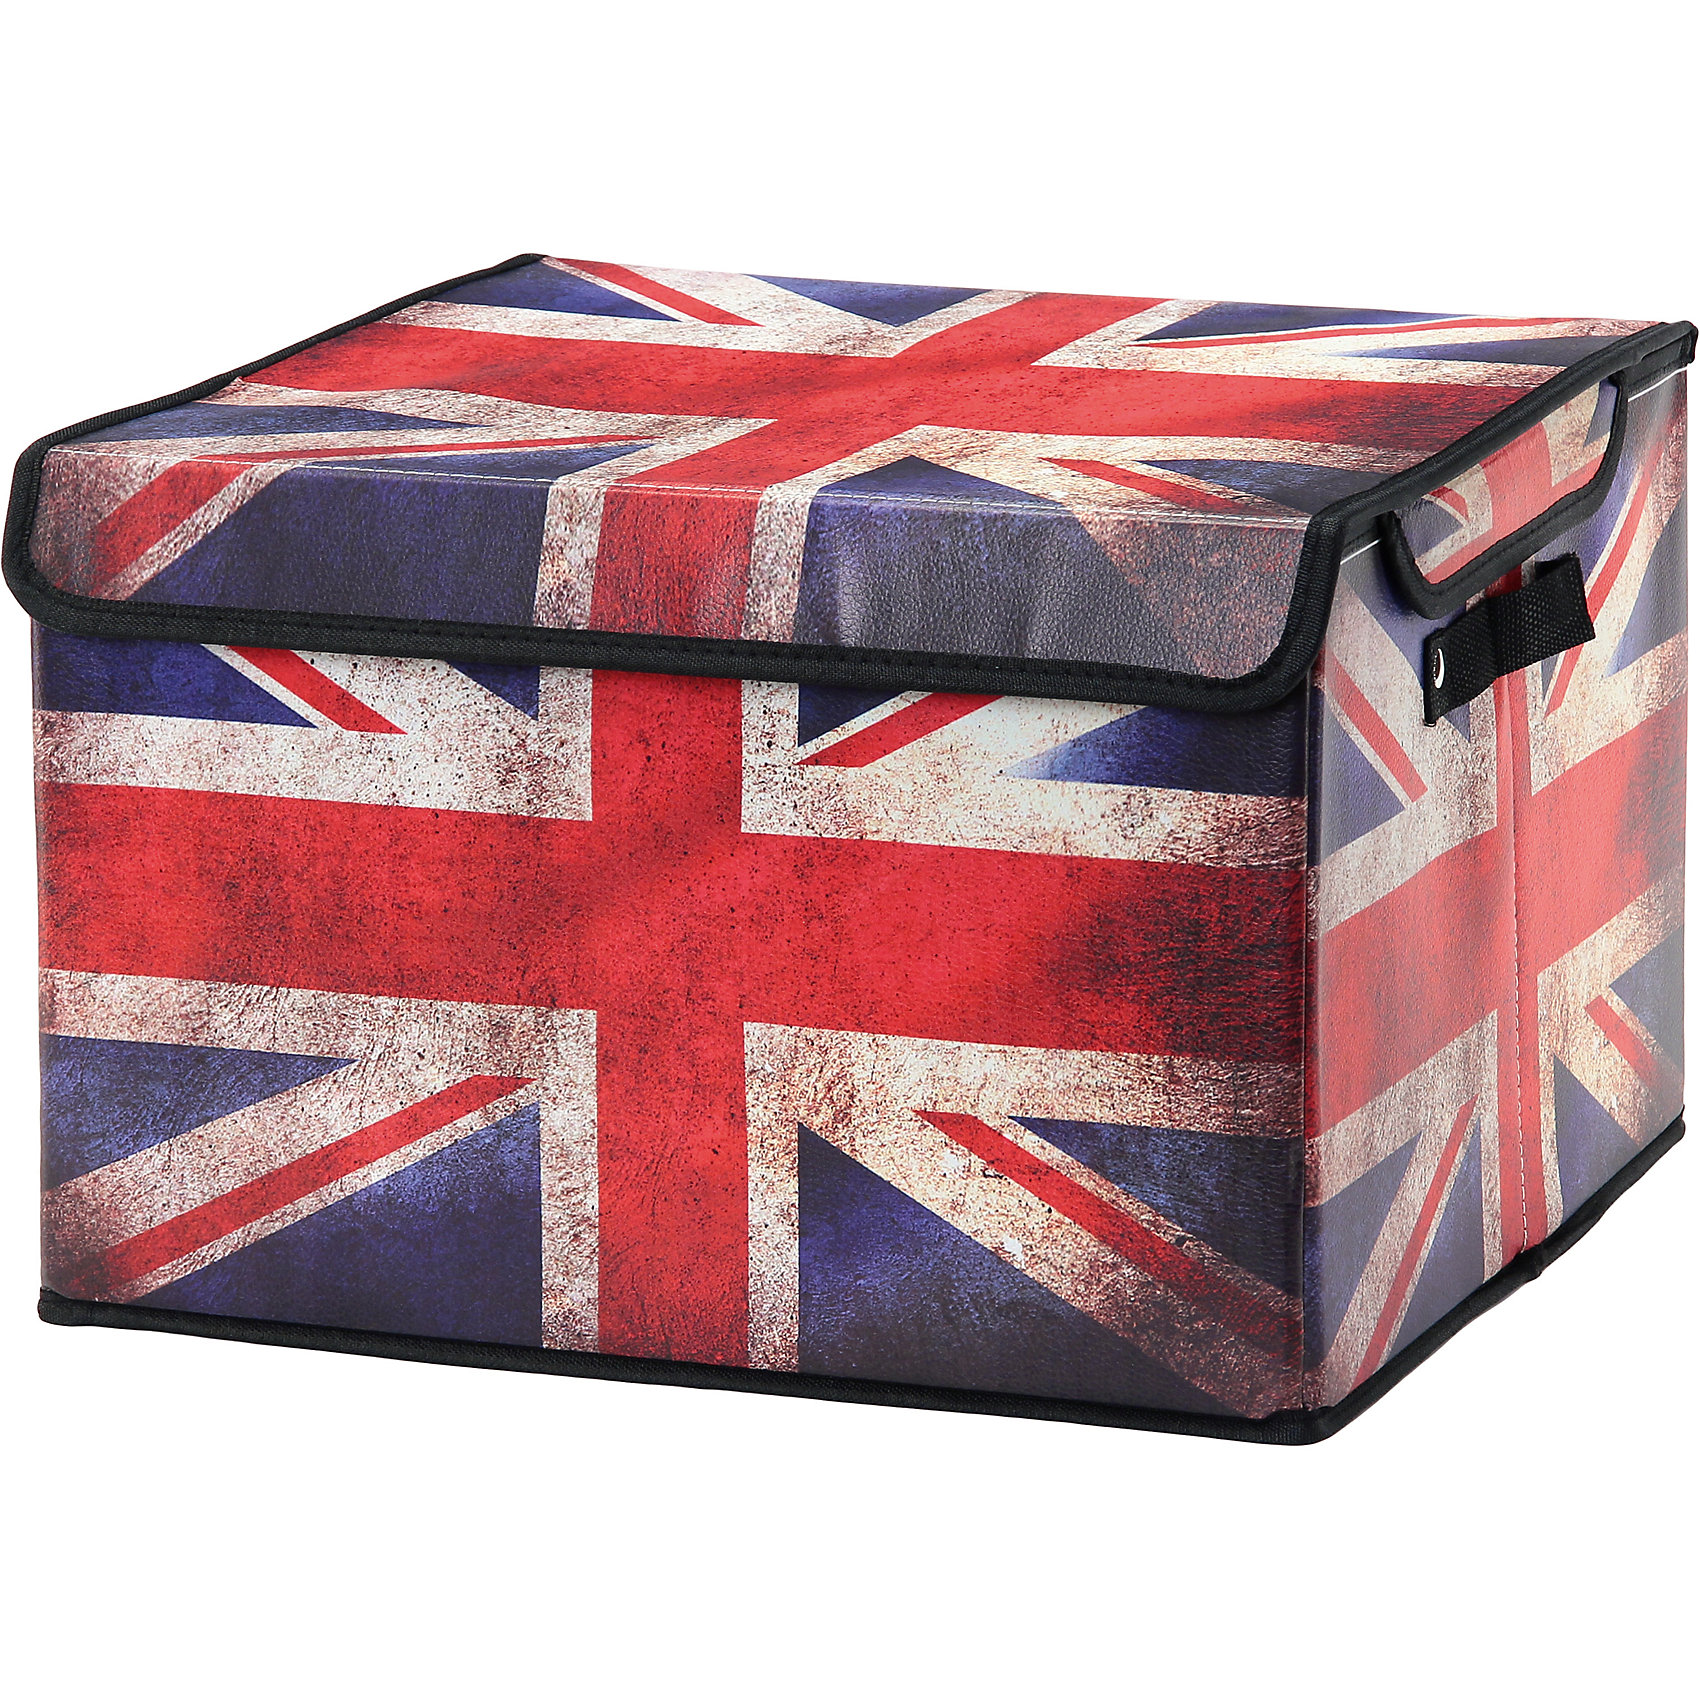 Кофр складной для хранения 41*36*26 см. Британский флаг, EL CasaПорядок в детской<br>Характеристики товара:<br><br>• цвет: мульти<br>• материал: текстиль, искусственная кожа<br>• размер: 41х36х26 см<br>• вес: 500 г<br>• застежка: липучка<br>• декорирован принтом<br>• складывается и раскладывается одним движением<br>• удобный<br>• с двумя ручками<br>• универсальный размер<br>• страна бренда: Российская Федерация<br>• страна производства: Китай<br><br>Такой кофр - отличный пример красивой и функциональной вещи для любого интерьера. В нем удобной хранить различные мелочи, благодаря универсальному дизайну и расцветке он хорошо будет смотреться в помещении.<br><br>Кофр с жёстким каркасом для хранения может стать отличным приобретением для дома или подарком для любителей красивых оригинальных вещей.<br><br>Бренд EL Casa - это красивые и практичные товары для дома с современным дизайном. Они добавляют в жильё уюта и комфорта! <br><br>Кофр складной для хранения 41*36*26 см. Британский флаг, EL Casa можно купить в нашем интернет-магазине.<br><br>Ширина мм: 410<br>Глубина мм: 360<br>Высота мм: 20<br>Вес г: 1375<br>Возраст от месяцев: 0<br>Возраст до месяцев: 1188<br>Пол: Унисекс<br>Возраст: Детский<br>SKU: 6668663